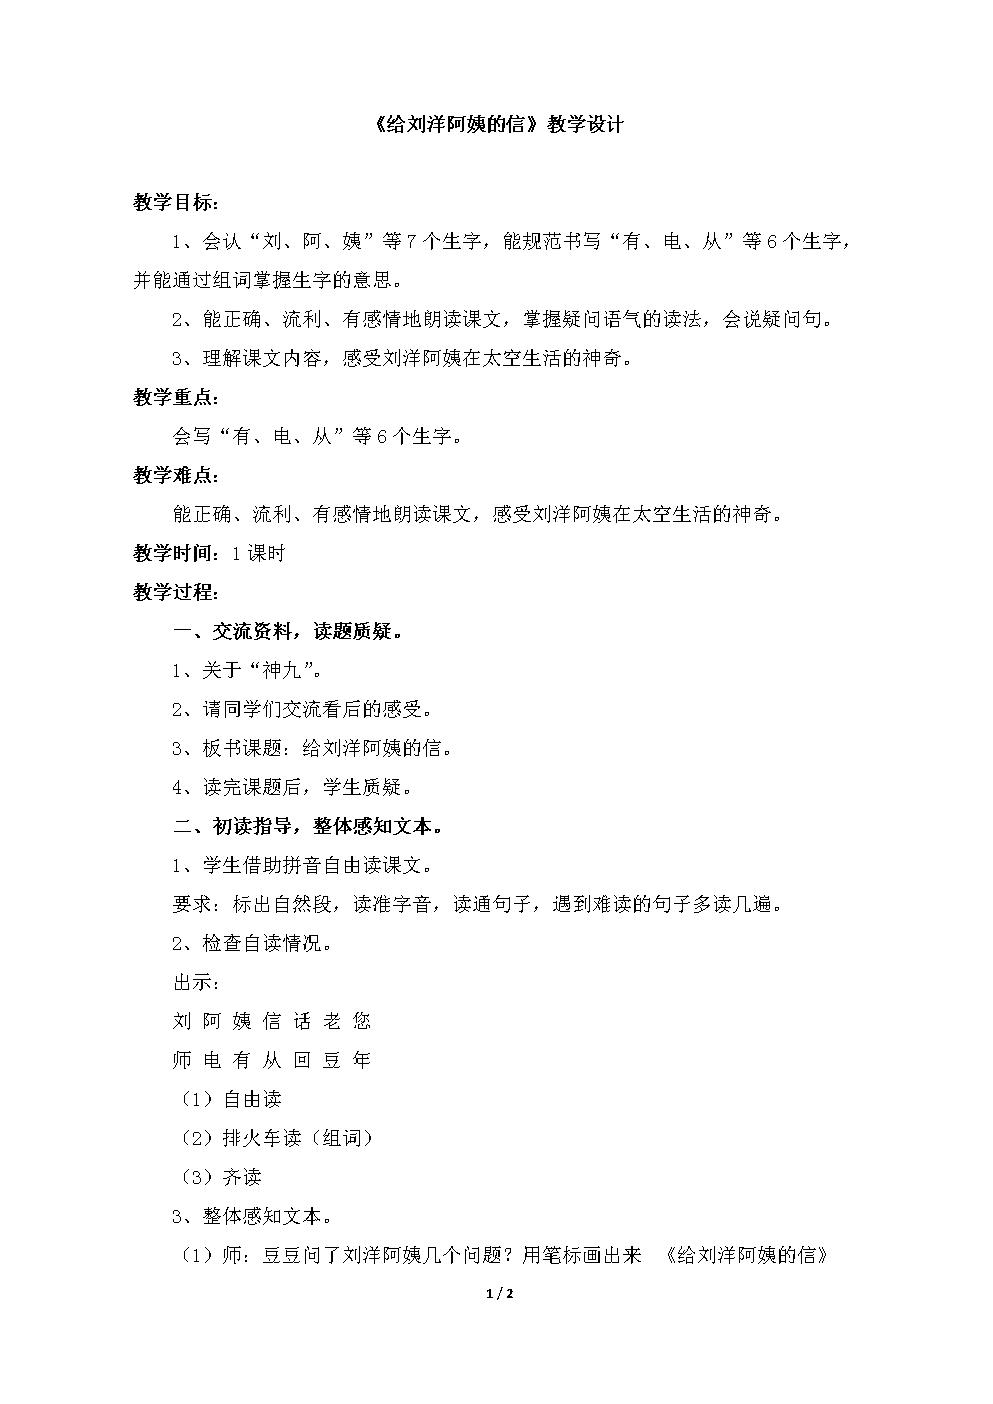 小学一年级语文上册《给刘洋阿姨的信》教学设计(苏教版).doc